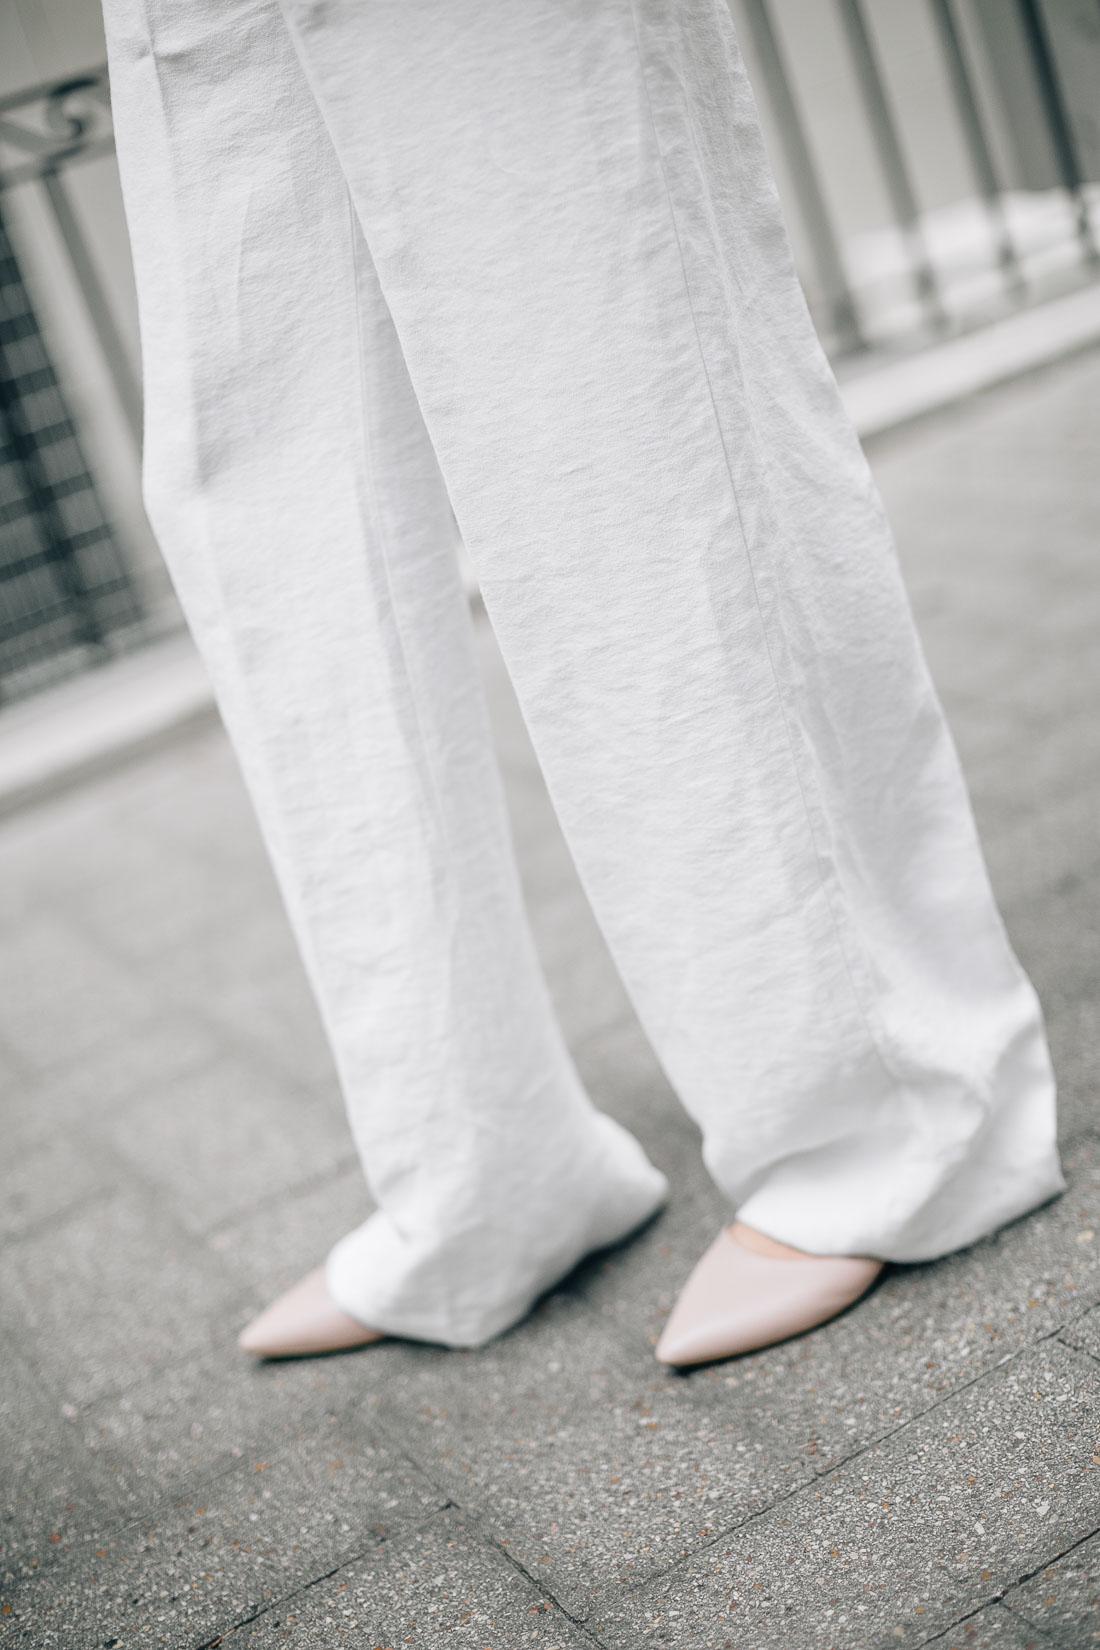 fashion-jackson-white-wide-leg-pants-pink-flats